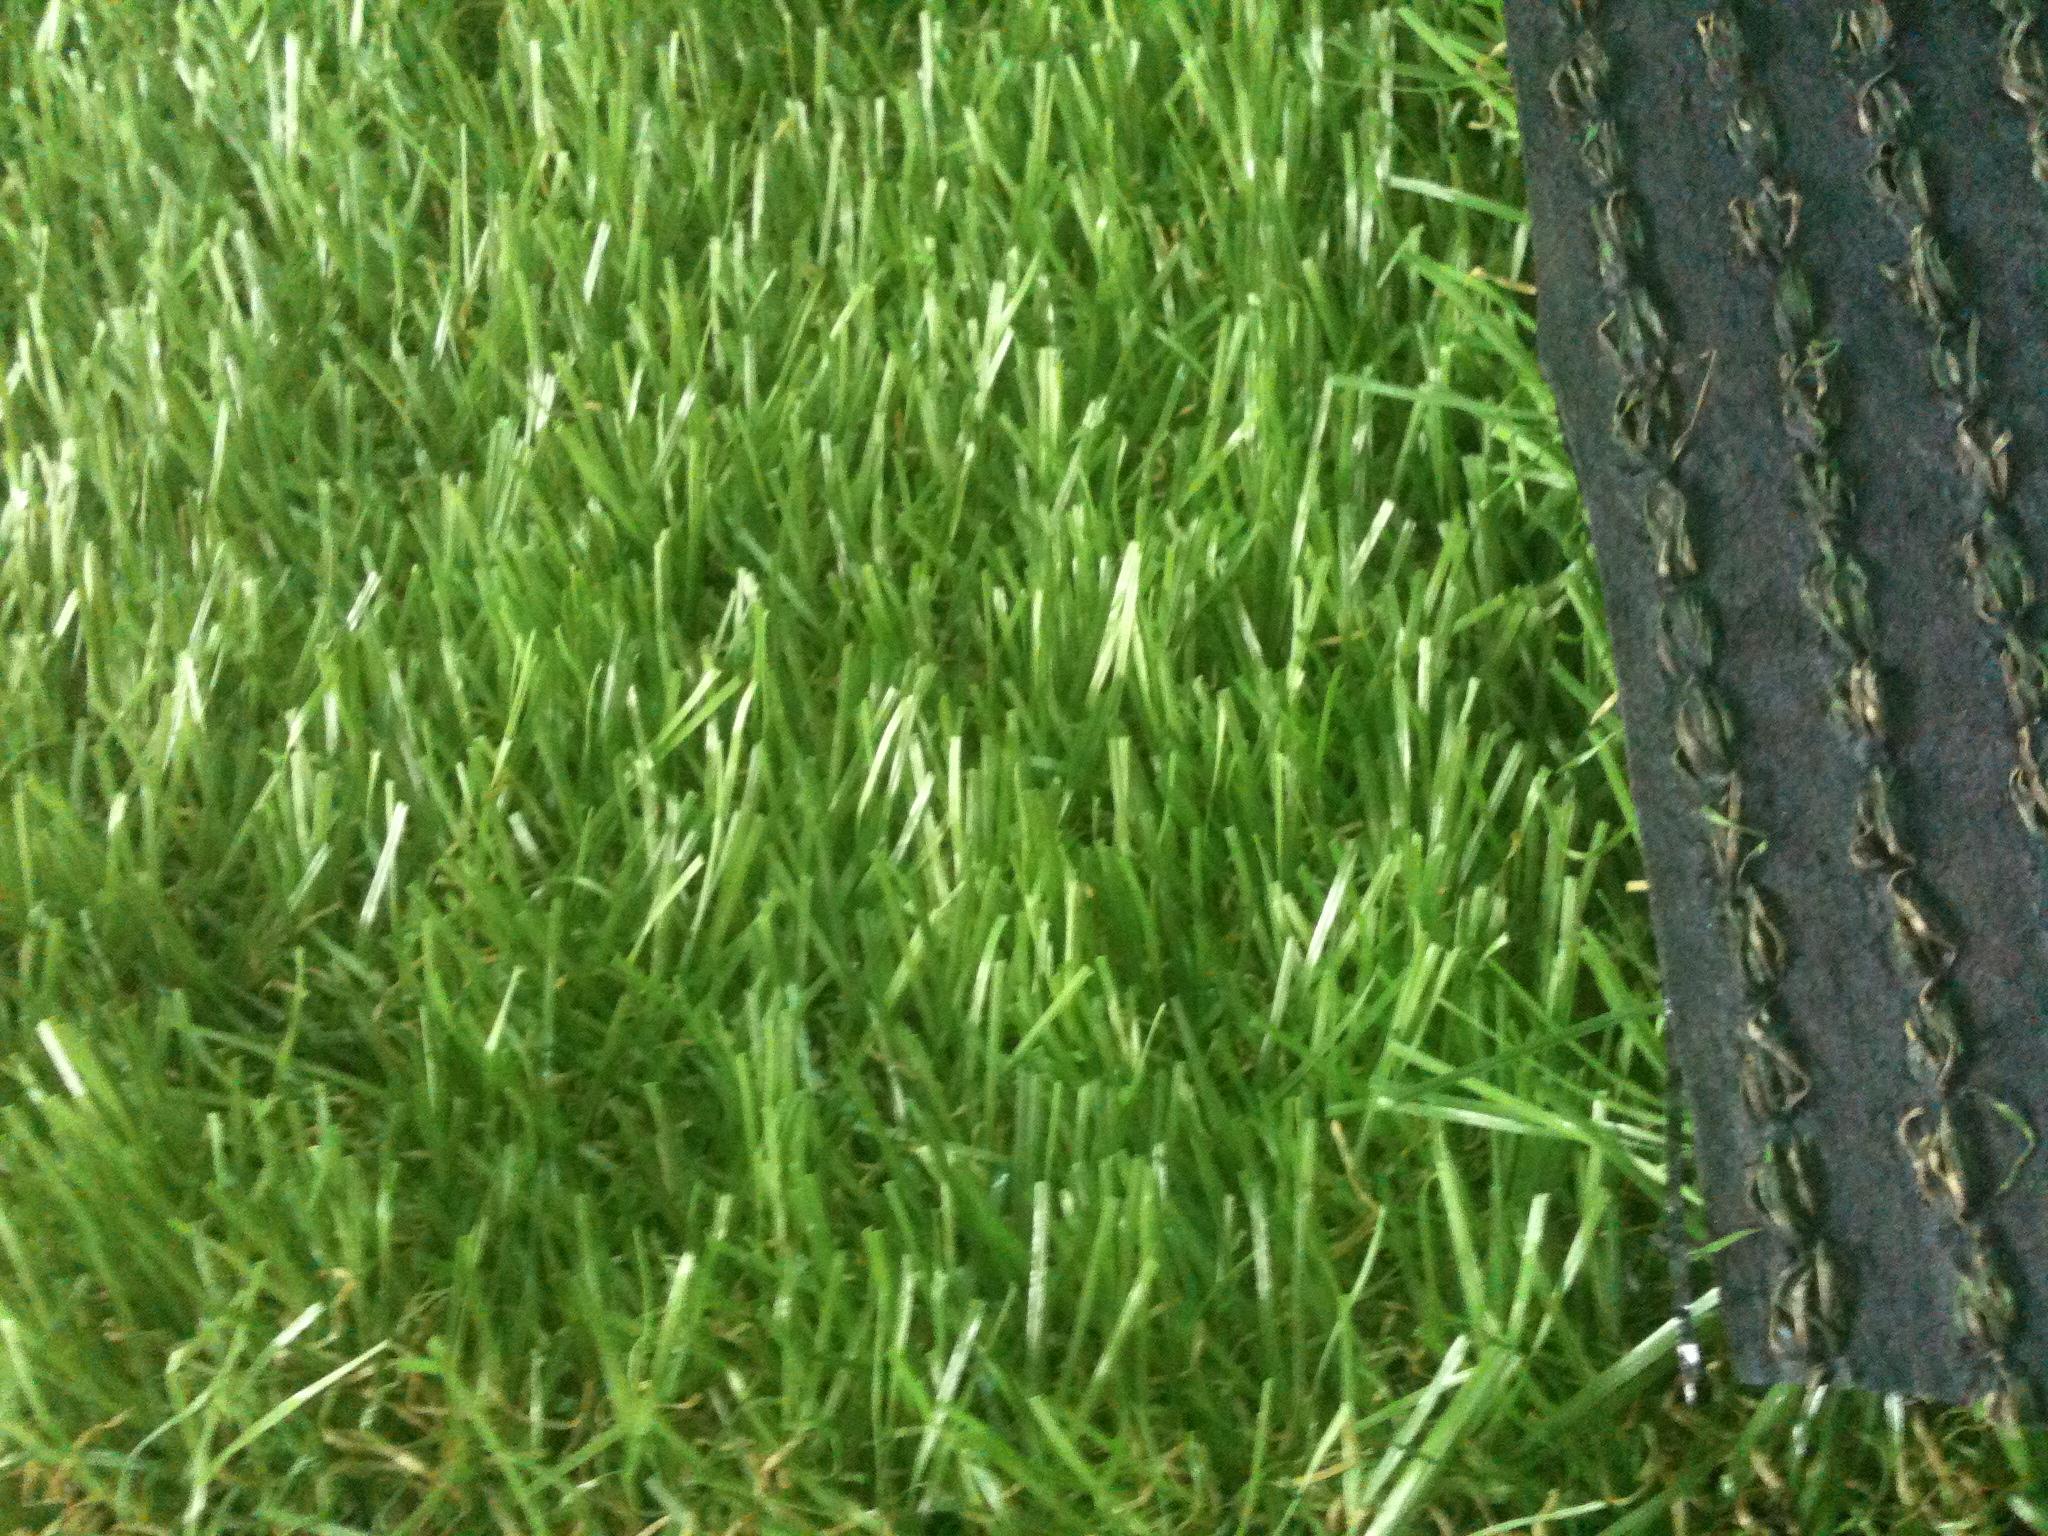 Cung cấp cỏ nhân tạo sân bóng, sân vườn, sân golf giá rẻ.